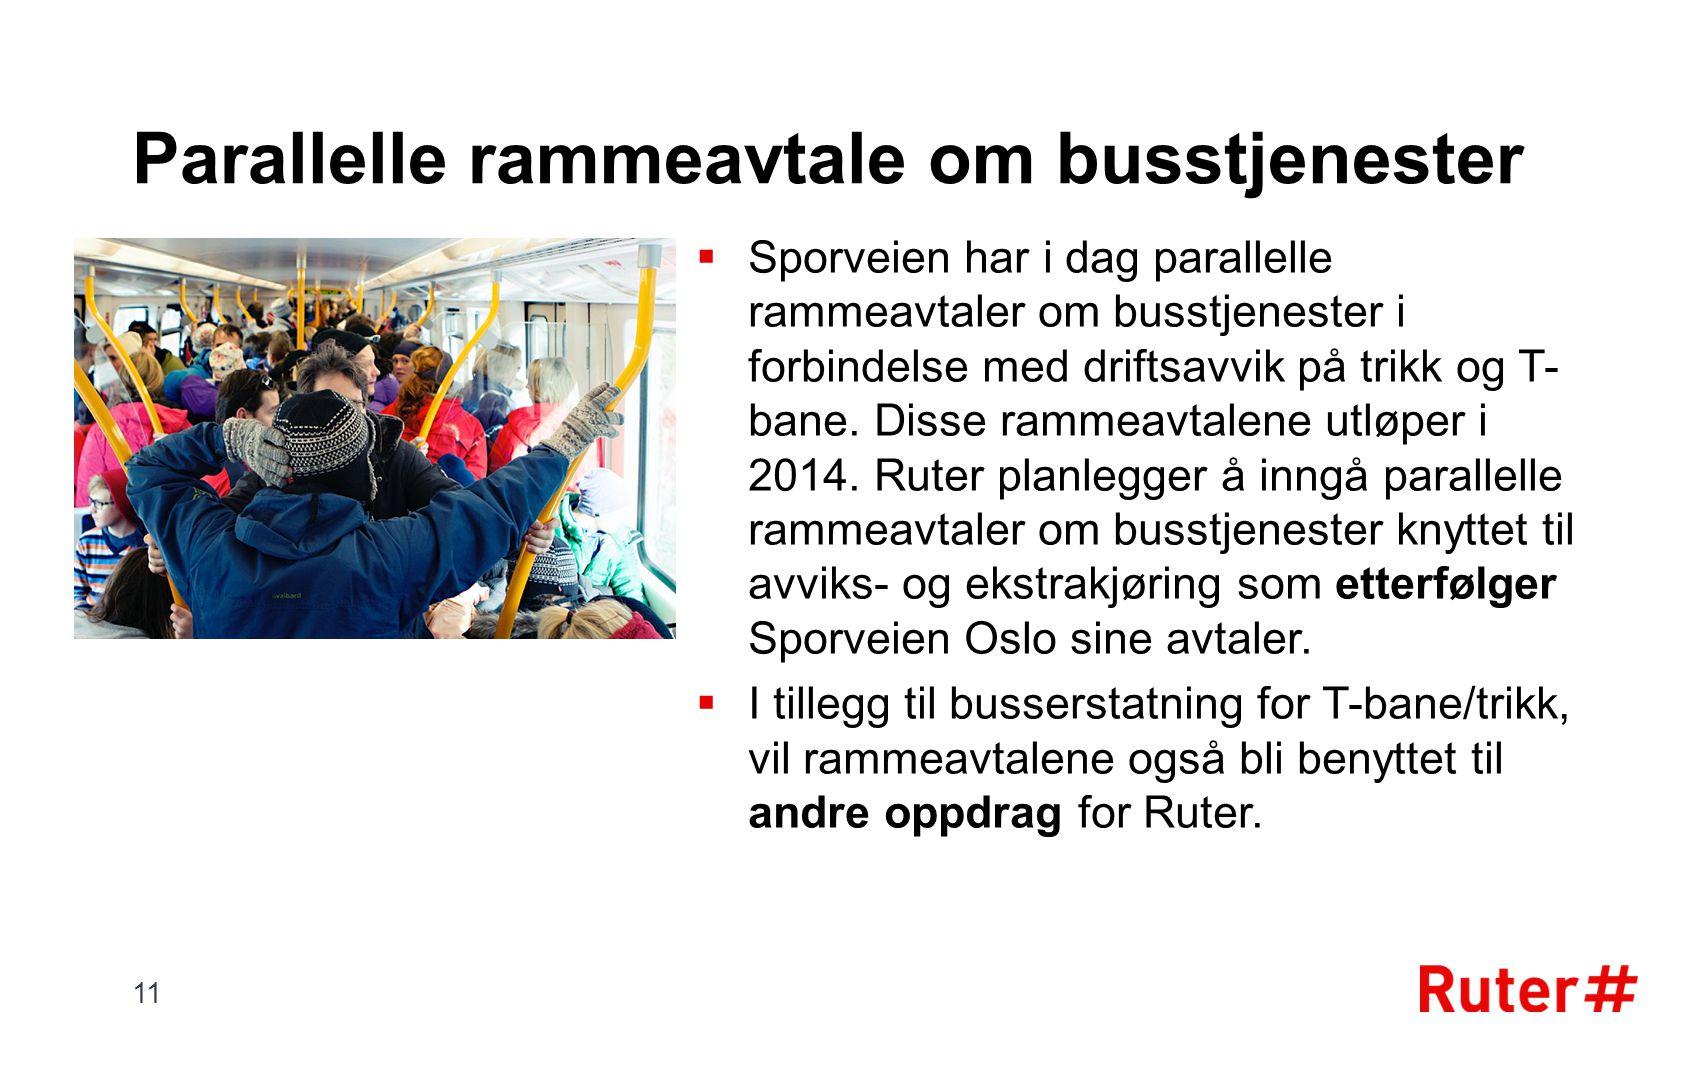 Parallelle rammeavtale om busstjenester